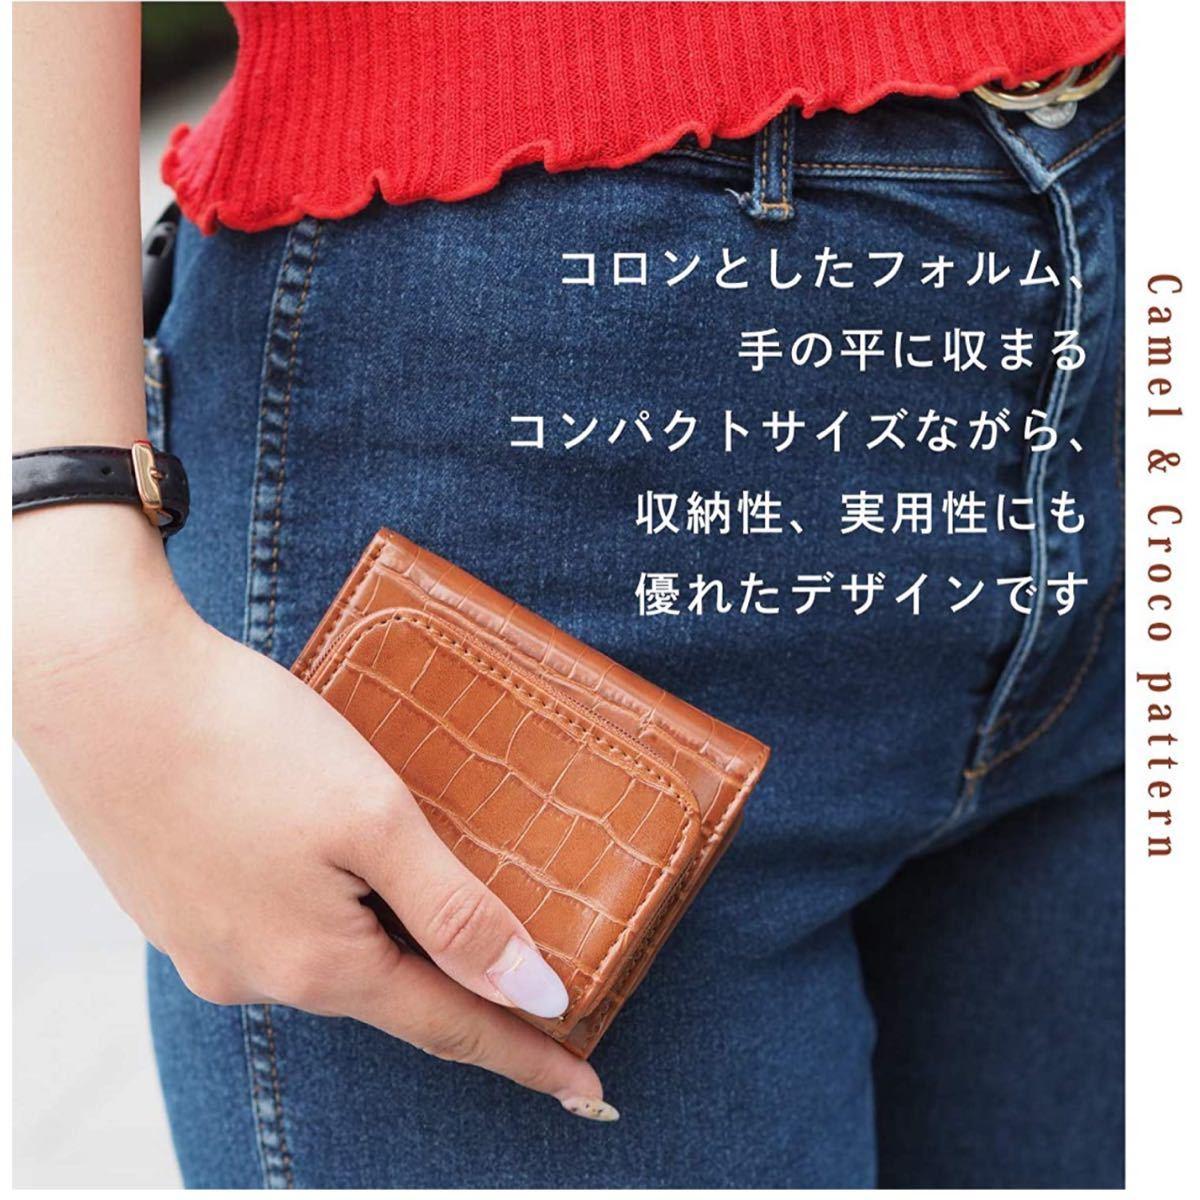 財布 レディース コンパクト ミニサイズ 三つ折り財布 小銭入れ コインケース 婦人用 小さい財布 クロコ柄 パイソン柄 アニマル